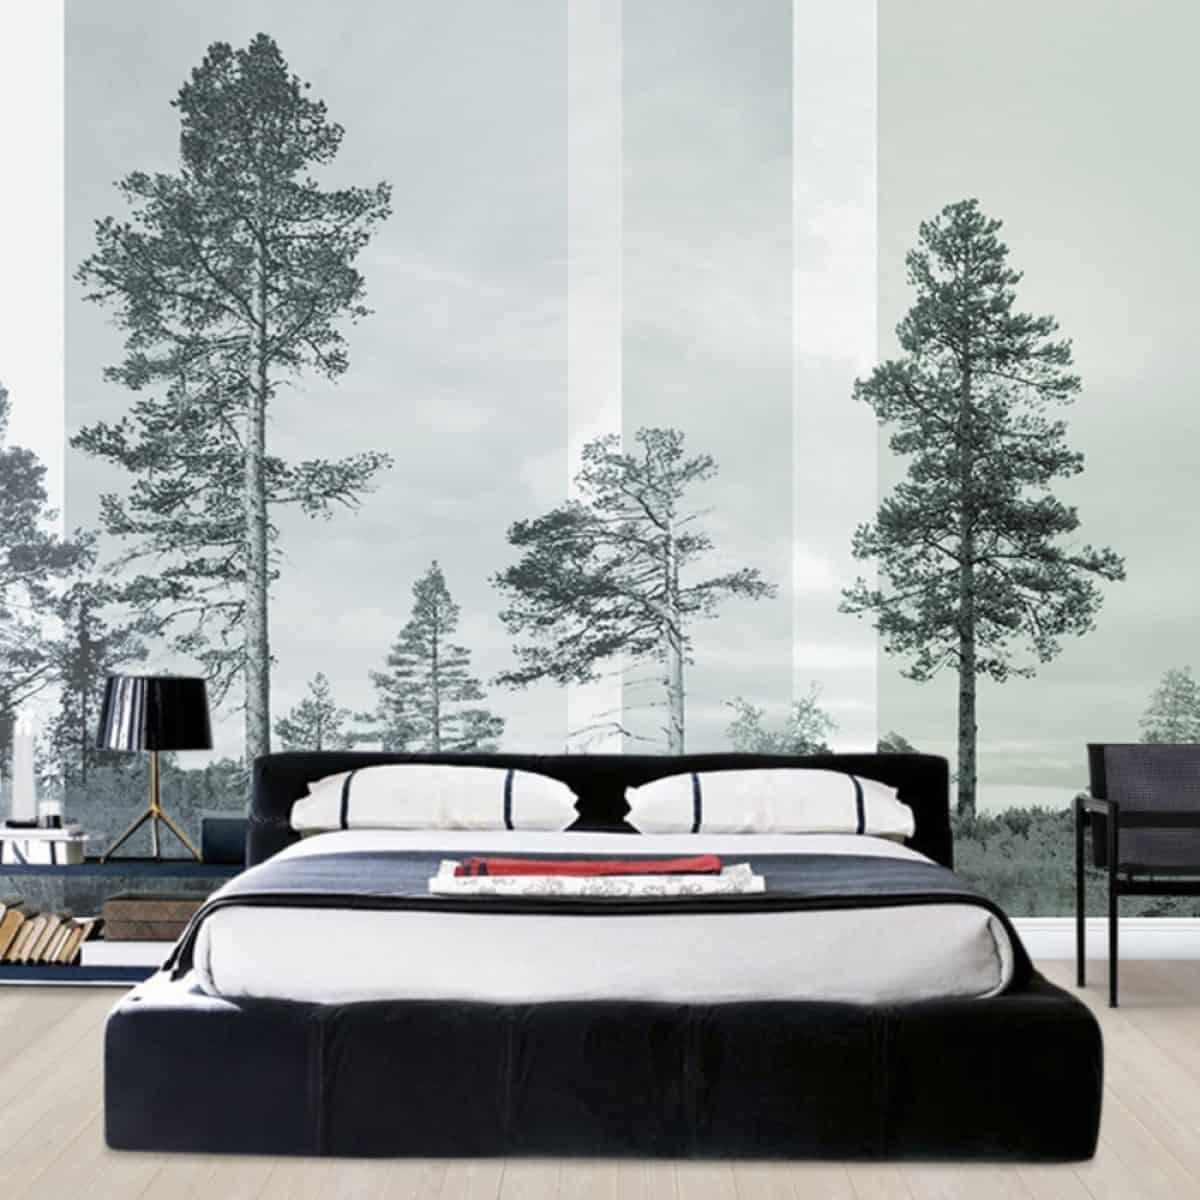 Dormitor in stil scandinav cu perete-accent cu fototapet cu brazi, in tonuri de gri si negru